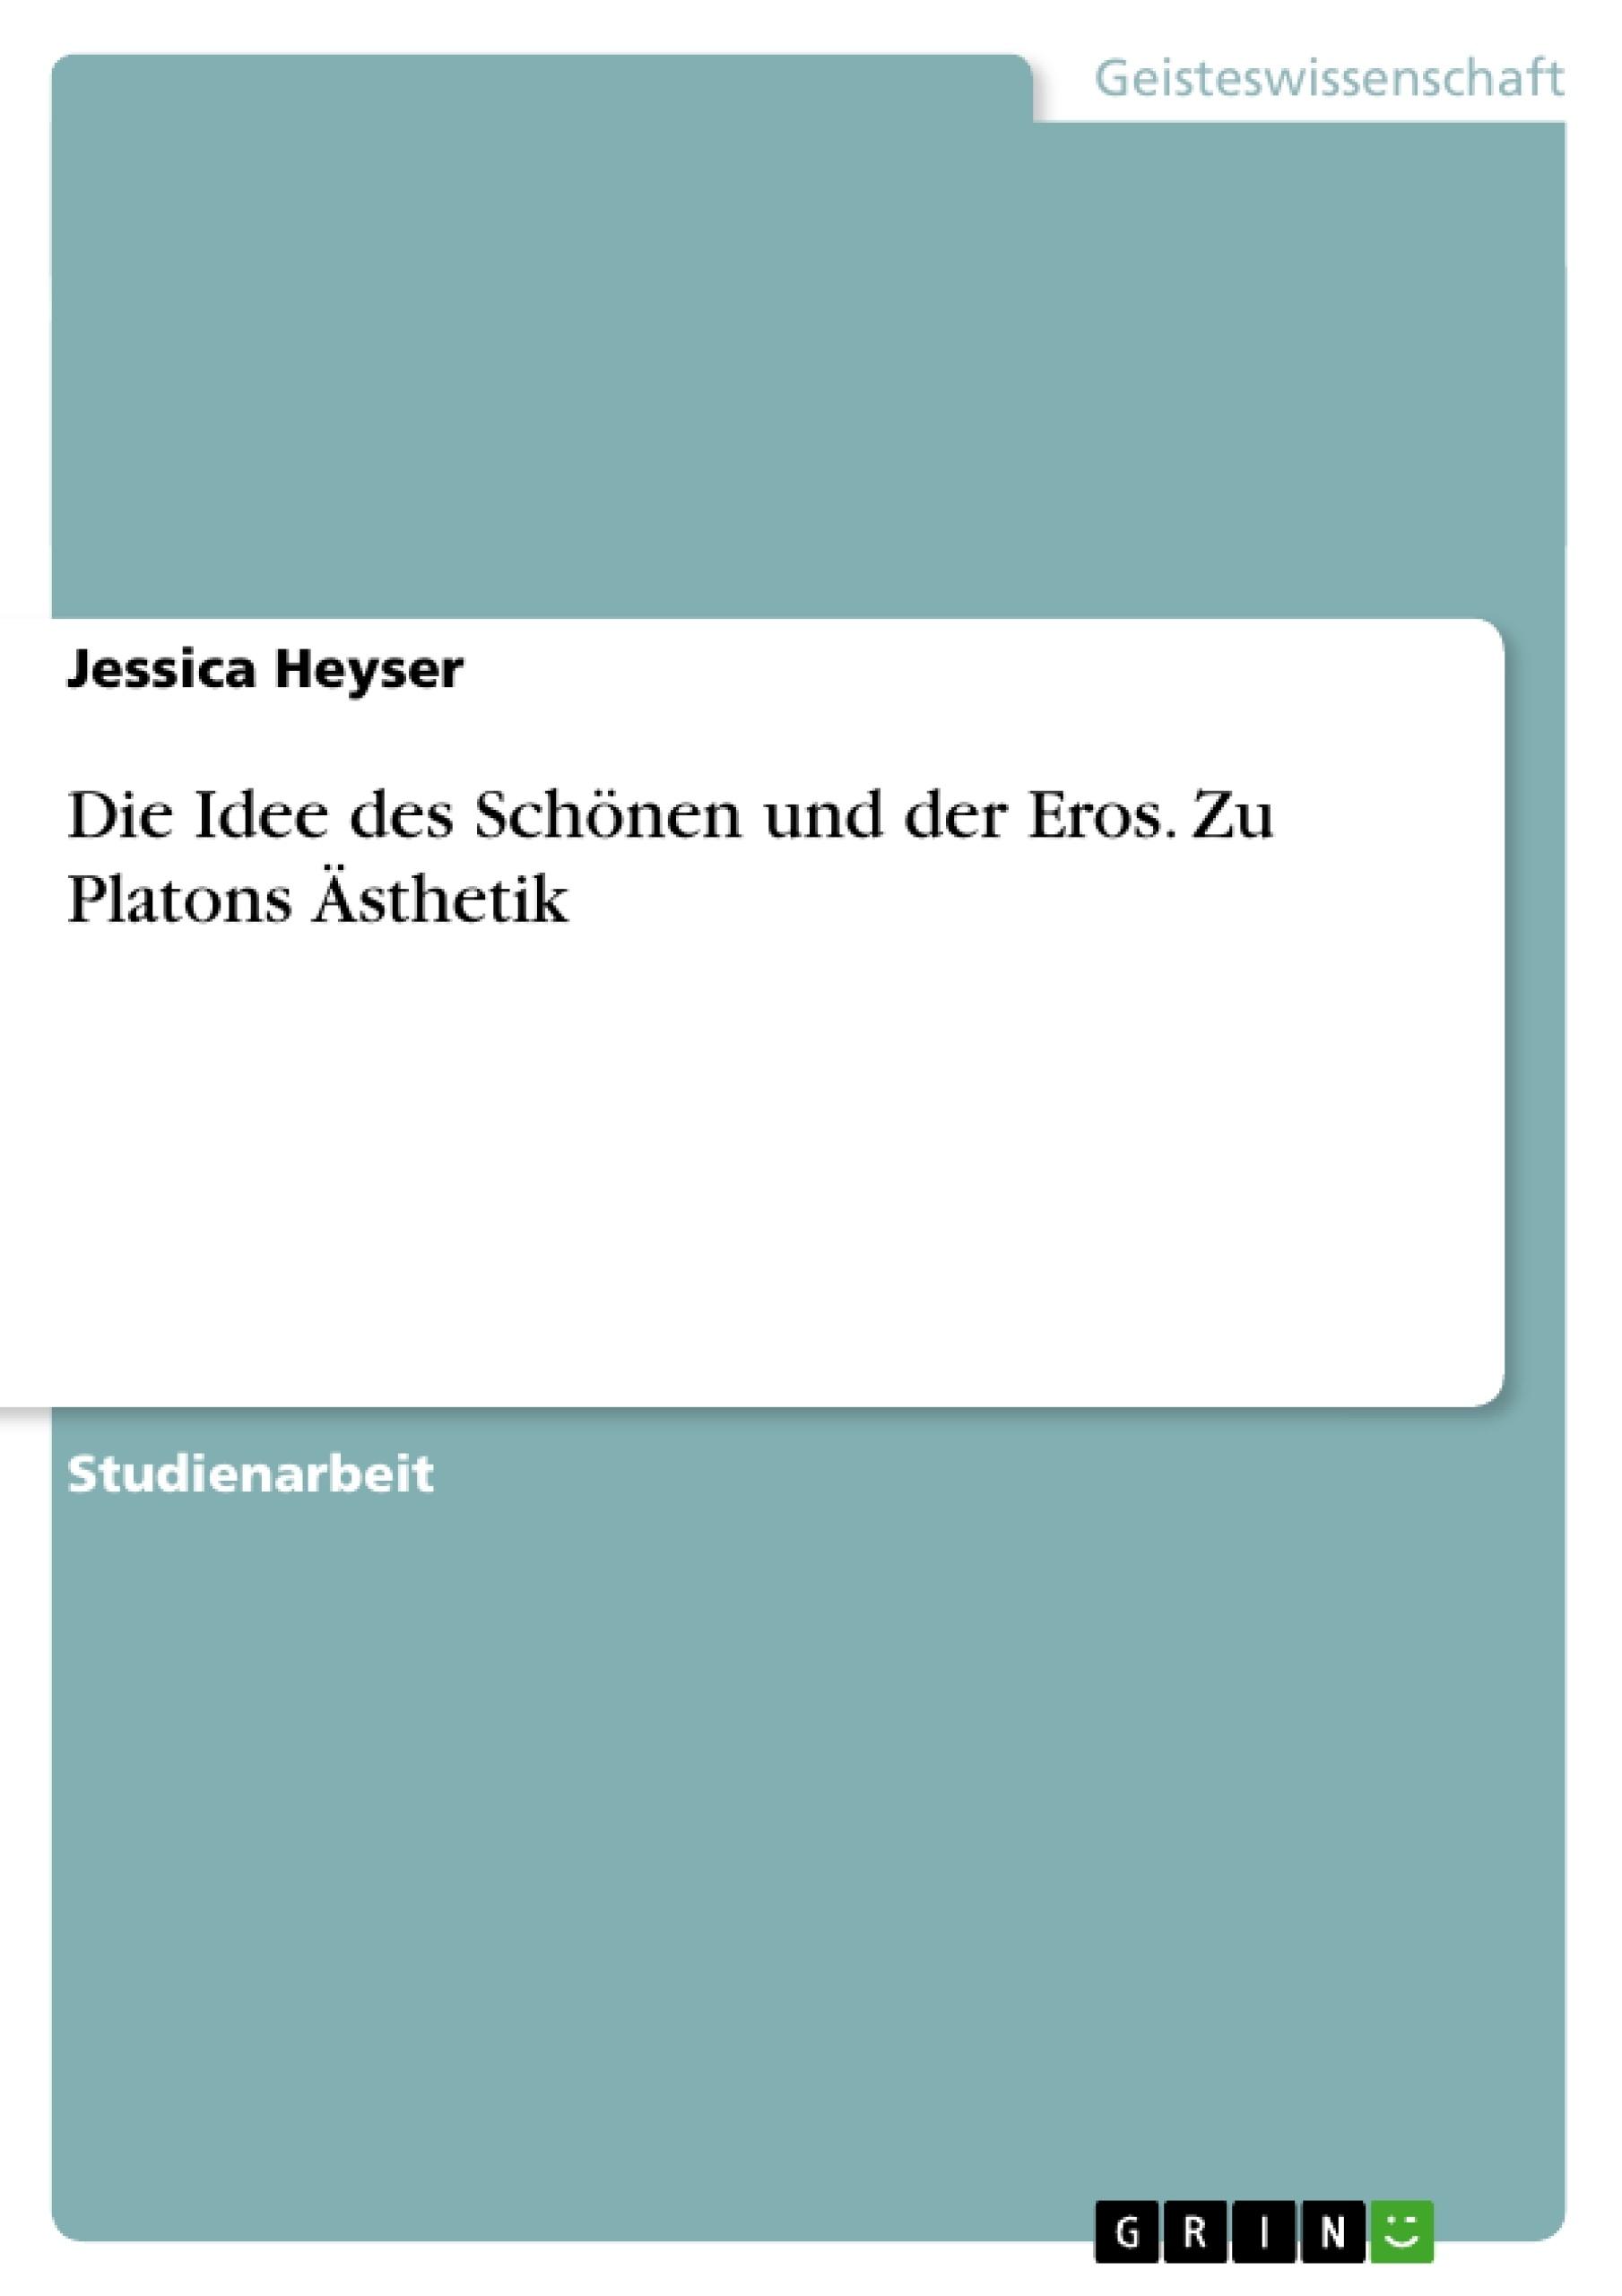 Titel: Die Idee des Schönen und der Eros. Zu Platons Ästhetik